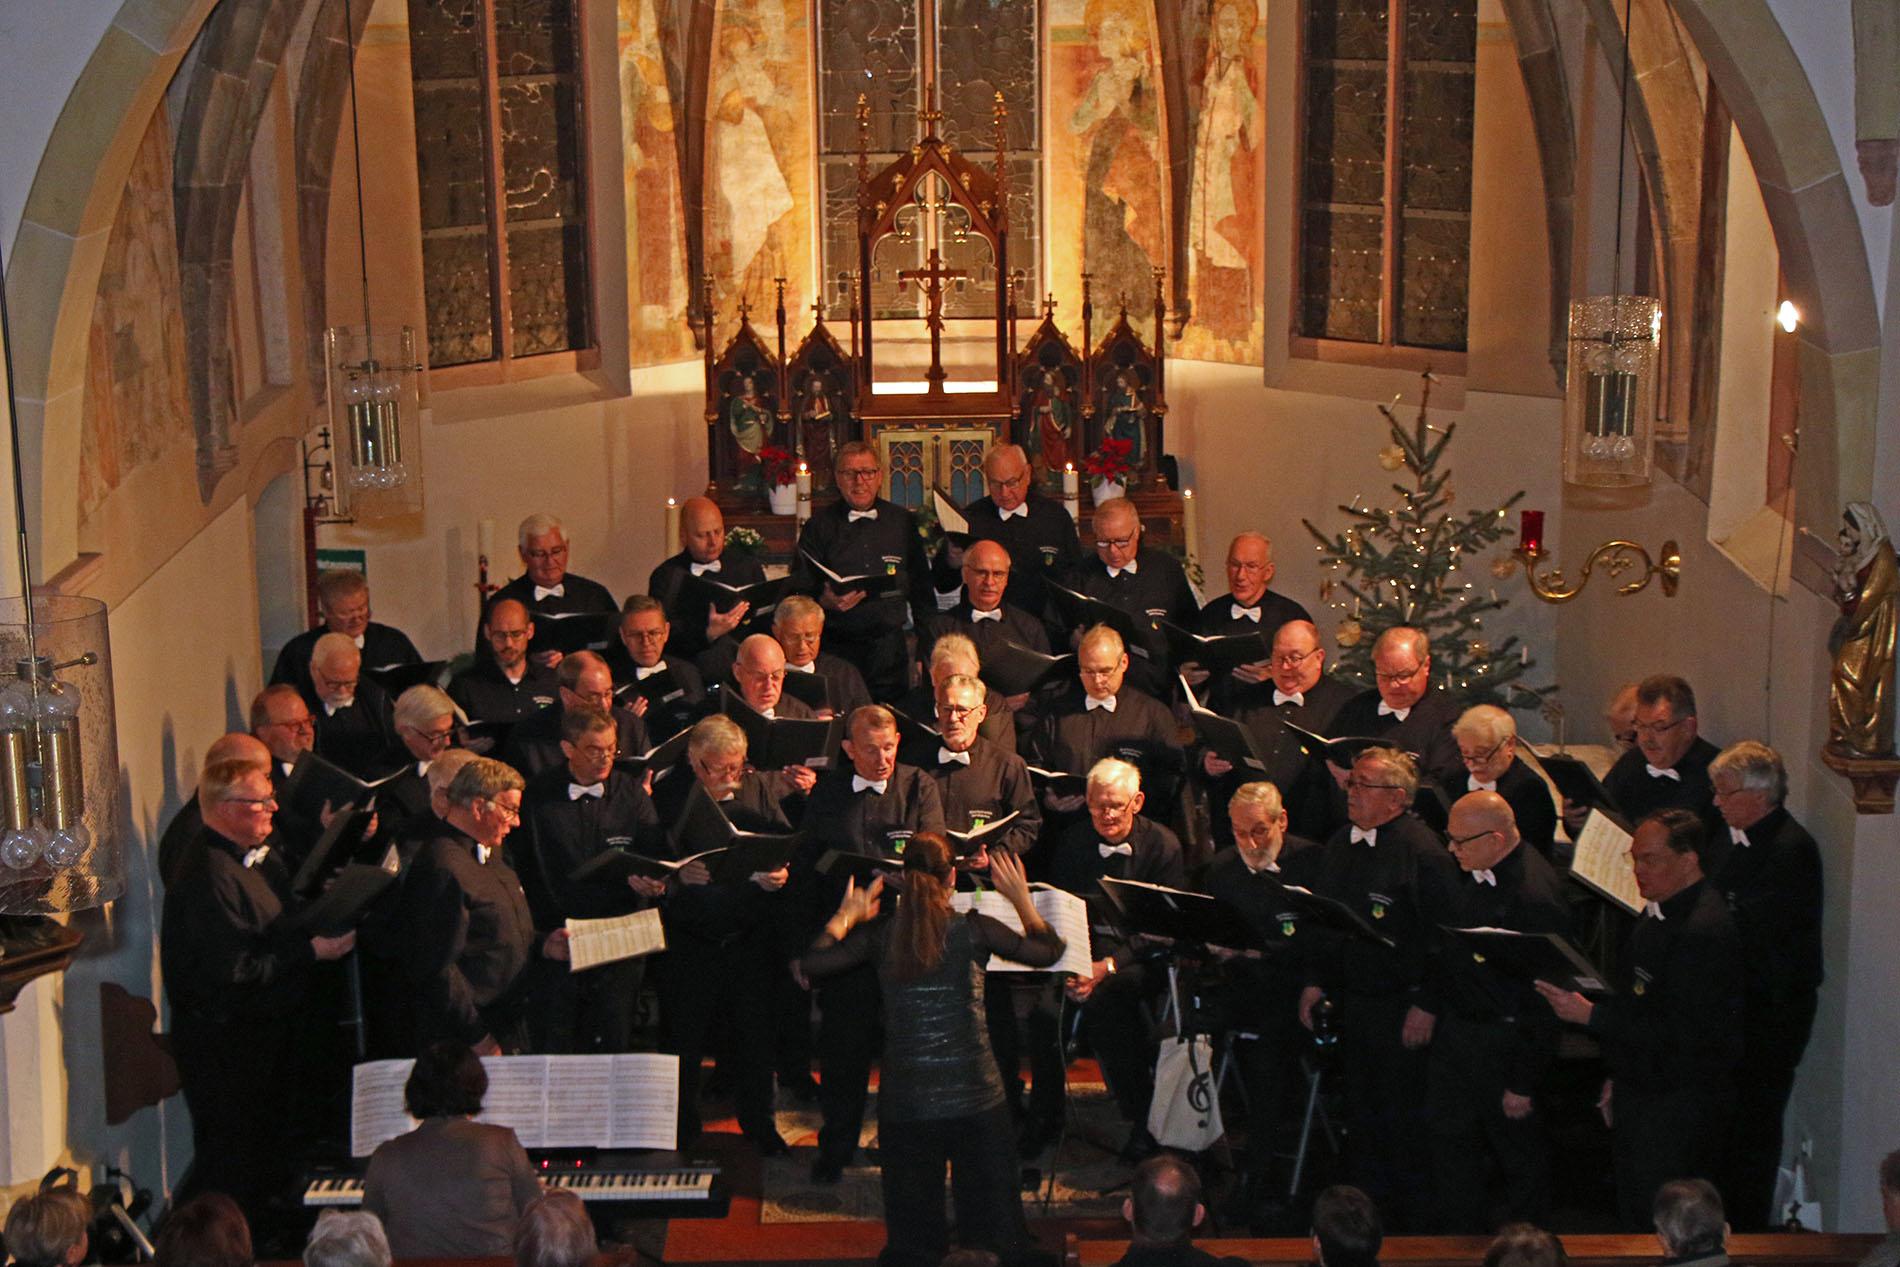 In der Kulturkirche Elsdorf-Angelsdorf präsentierte der MGV Quartettverein zusammen mit Daniela Bosenius (Moderation & Gesang) und Julia Diedrich (Klavier) zum Neujahrskonzert. (Fotos: Bastian Schlößer)